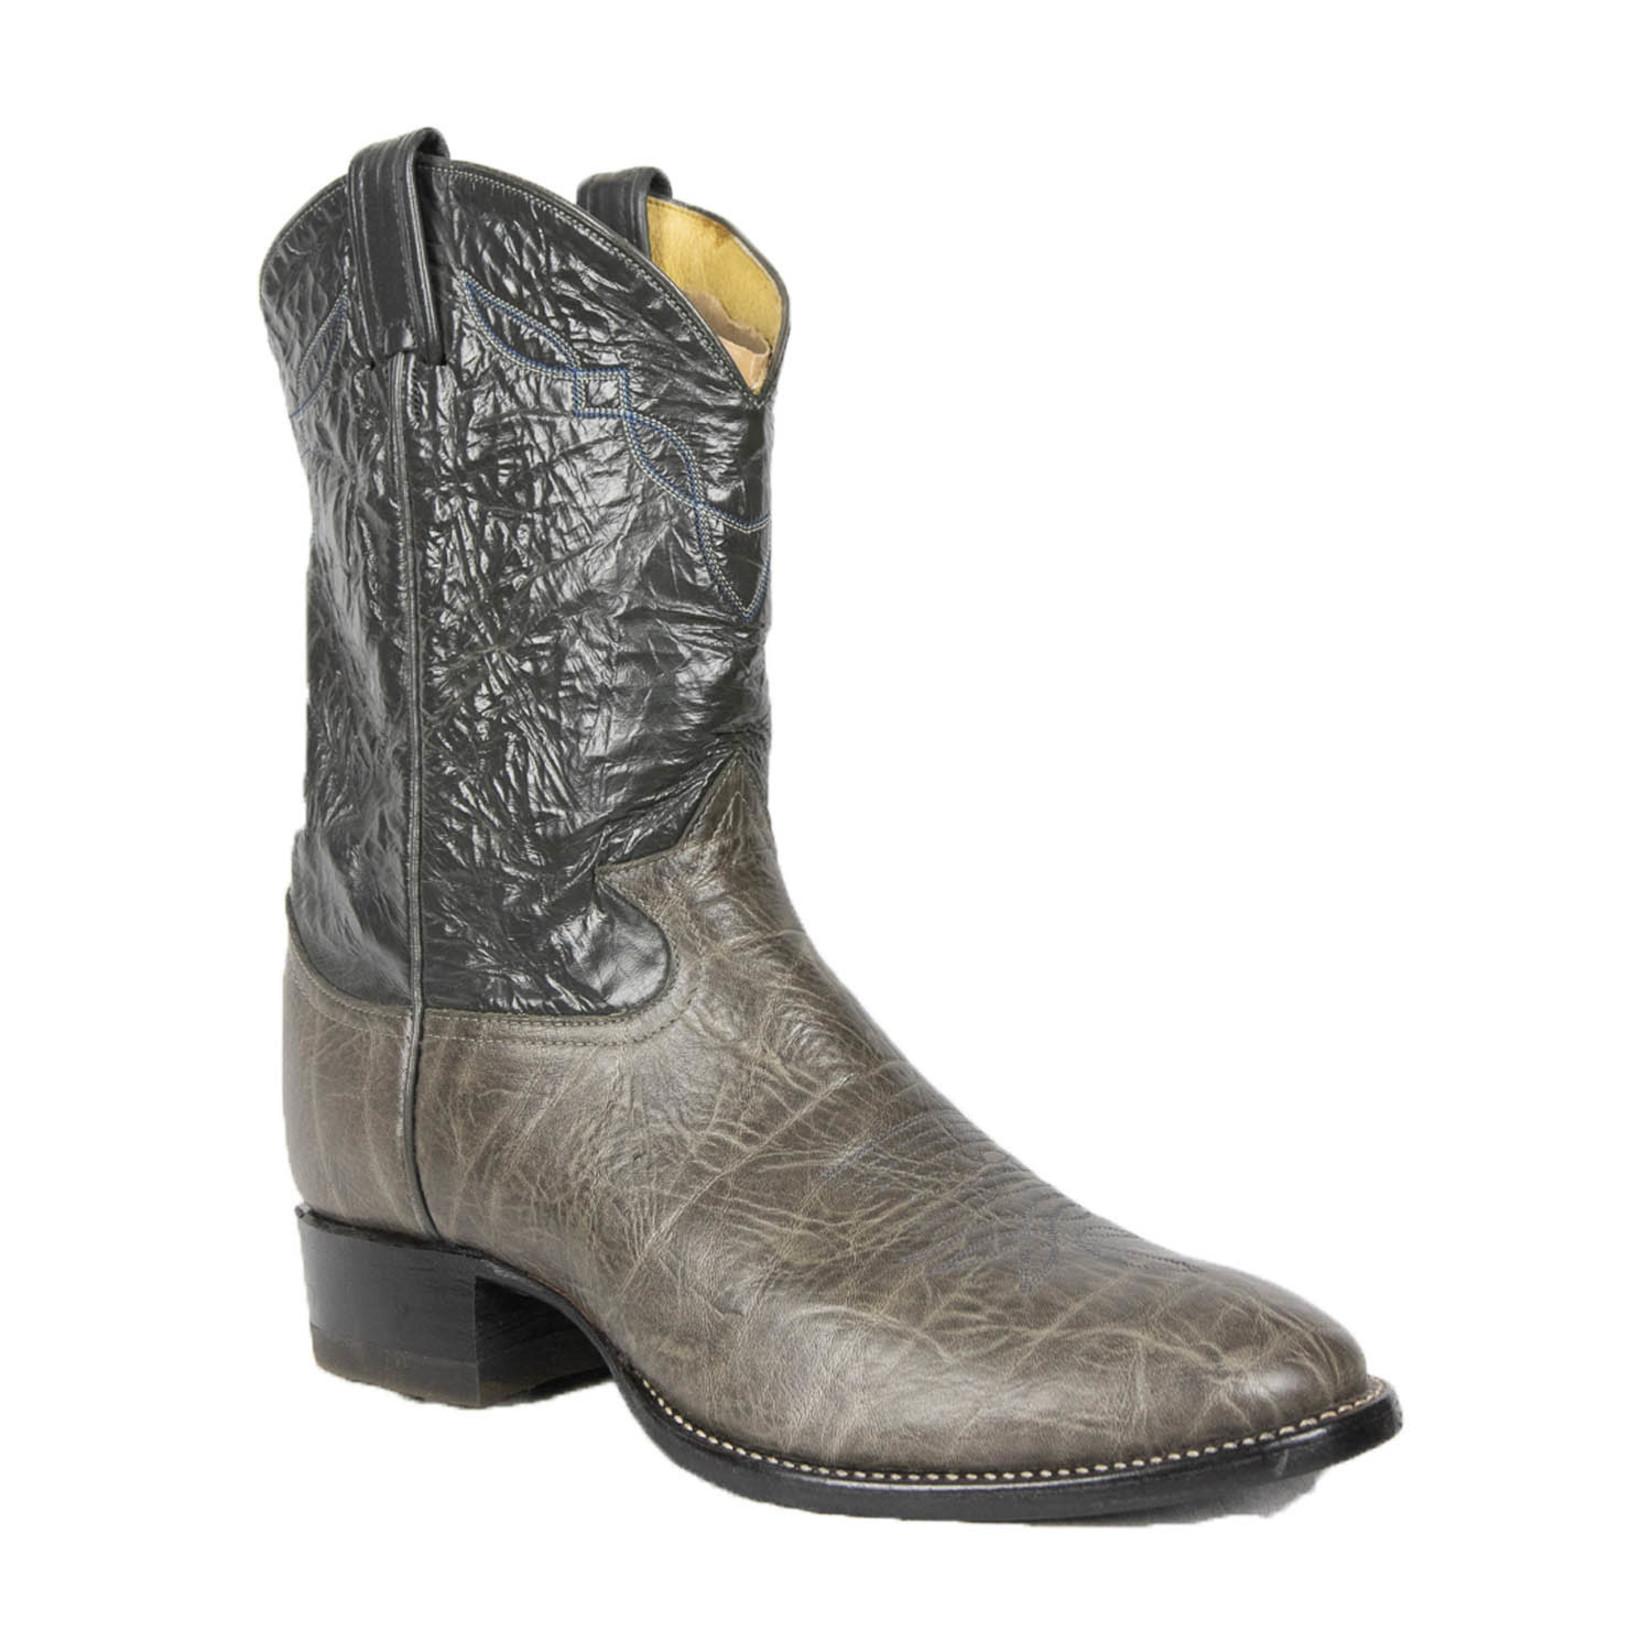 Tony Lama Tony Lama Cowboy Boot 2831 10.5